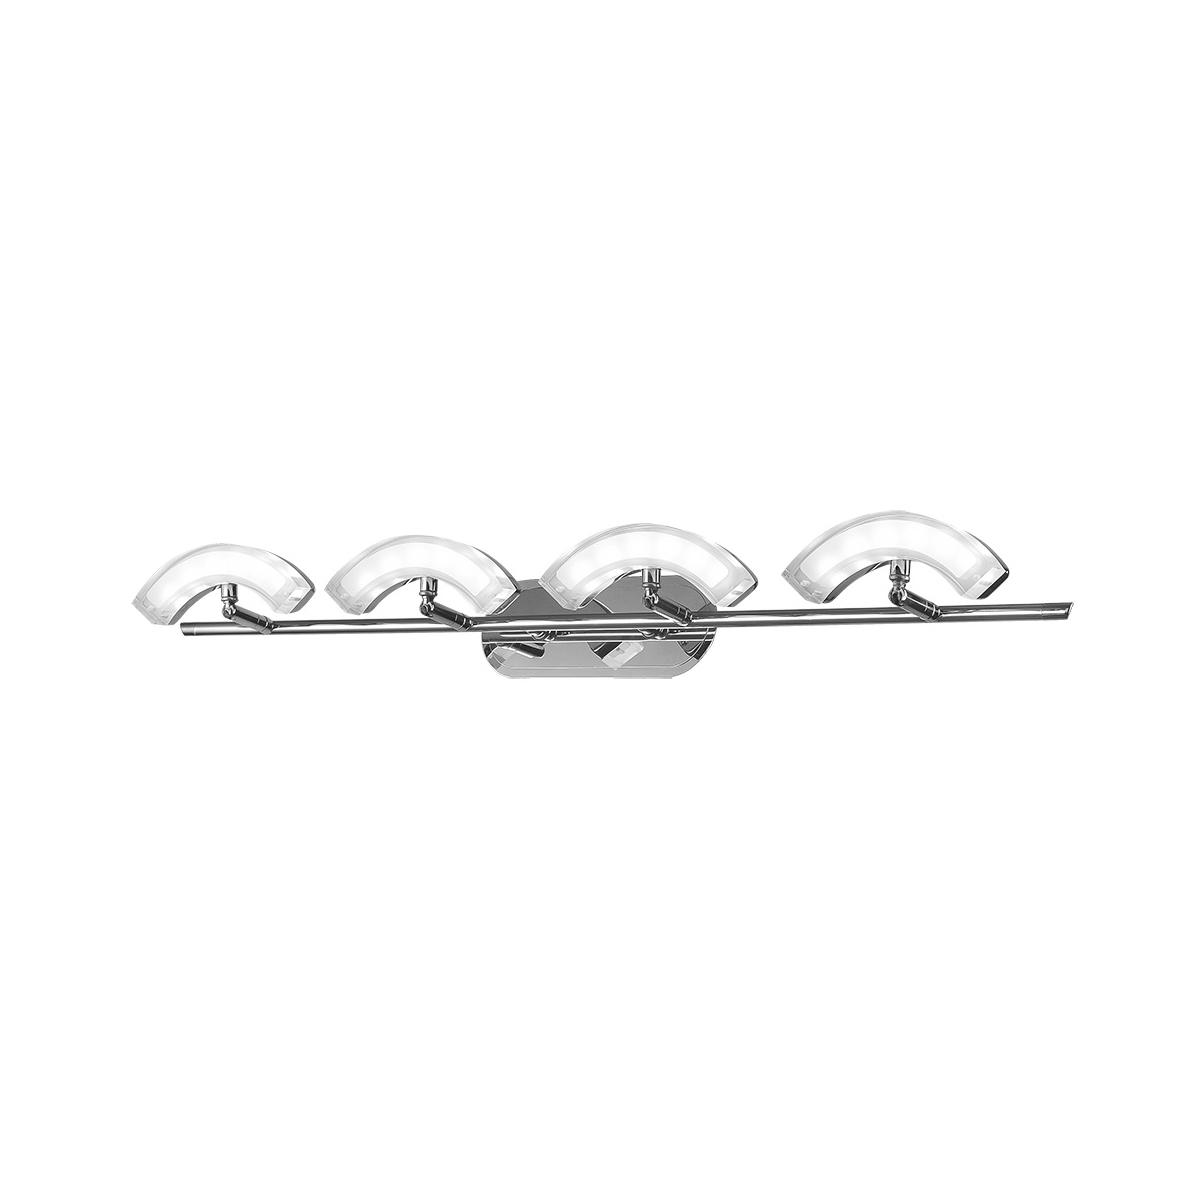 Спот MerrillСпоты<br>Спот с 4-мя акриловыми плафонами со встроенной светодиодной матрицей.&amp;amp;nbsp;&amp;lt;span style=&amp;quot;line-height: 1.78571;&amp;quot;&amp;gt;Спот  Merrill снабжен шарнирным механизмом, позволяющий менять направление освещения. Светильник имеет металлический выключатель на корпусе.<br>Спот поставляется в собранном виде и имеет в комплекте все необходимые для монтажа крепежные элементы.&amp;lt;/span&amp;gt;&amp;lt;div&amp;gt;&amp;lt;br&amp;gt;&amp;lt;/div&amp;gt;&amp;lt;div&amp;gt;&amp;lt;div style=&amp;quot;line-height: 24.9999px;&amp;quot;&amp;gt;Вид цоколя: LED&amp;lt;/div&amp;gt;&amp;lt;div style=&amp;quot;line-height: 24.9999px;&amp;quot;&amp;gt;Мощность: 12 W (эквивалент лампы накаливания 80W)&amp;lt;/div&amp;gt;&amp;lt;div style=&amp;quot;line-height: 24.9999px;&amp;quot;&amp;gt;Цветовая температура 4000-4200К&amp;lt;/div&amp;gt;&amp;lt;/div&amp;gt;<br><br>Material: Металл<br>Width см: 80<br>Depth см: 7,5<br>Height см: 14